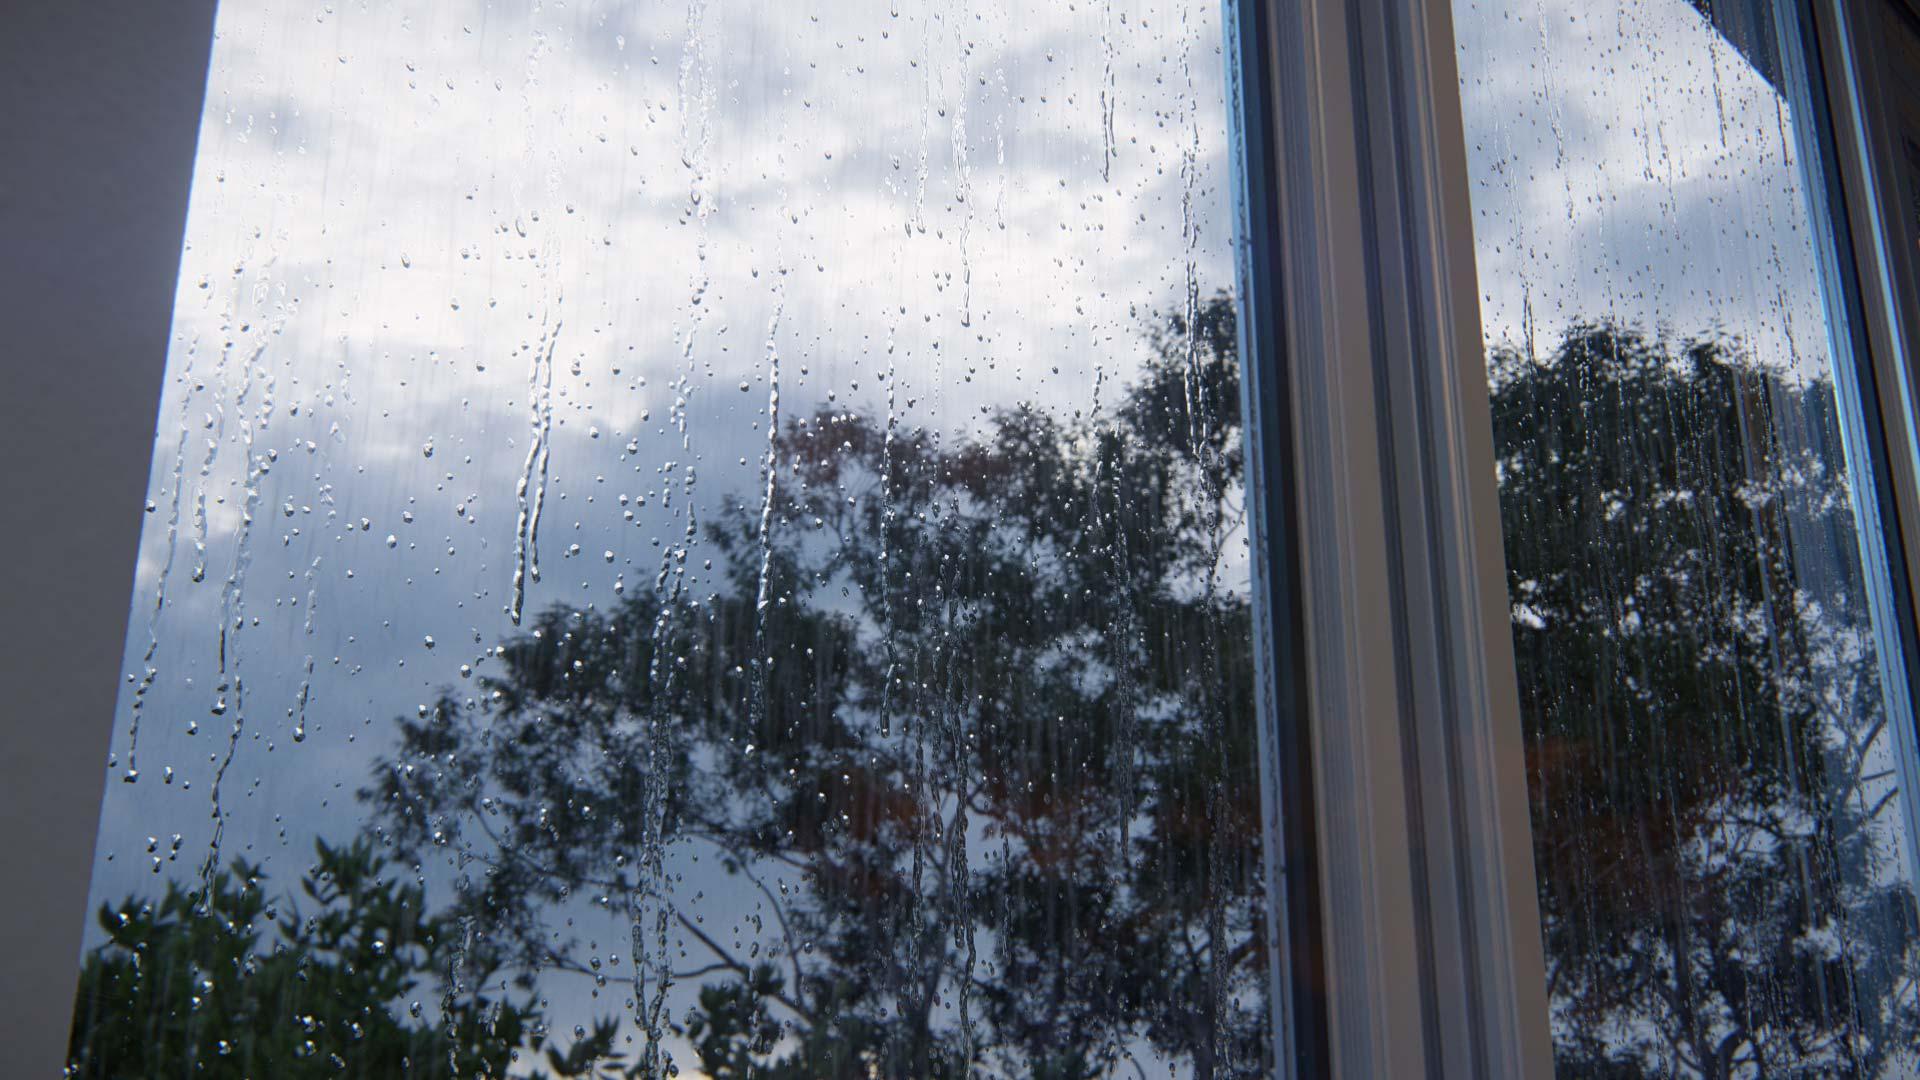 rain-streaks